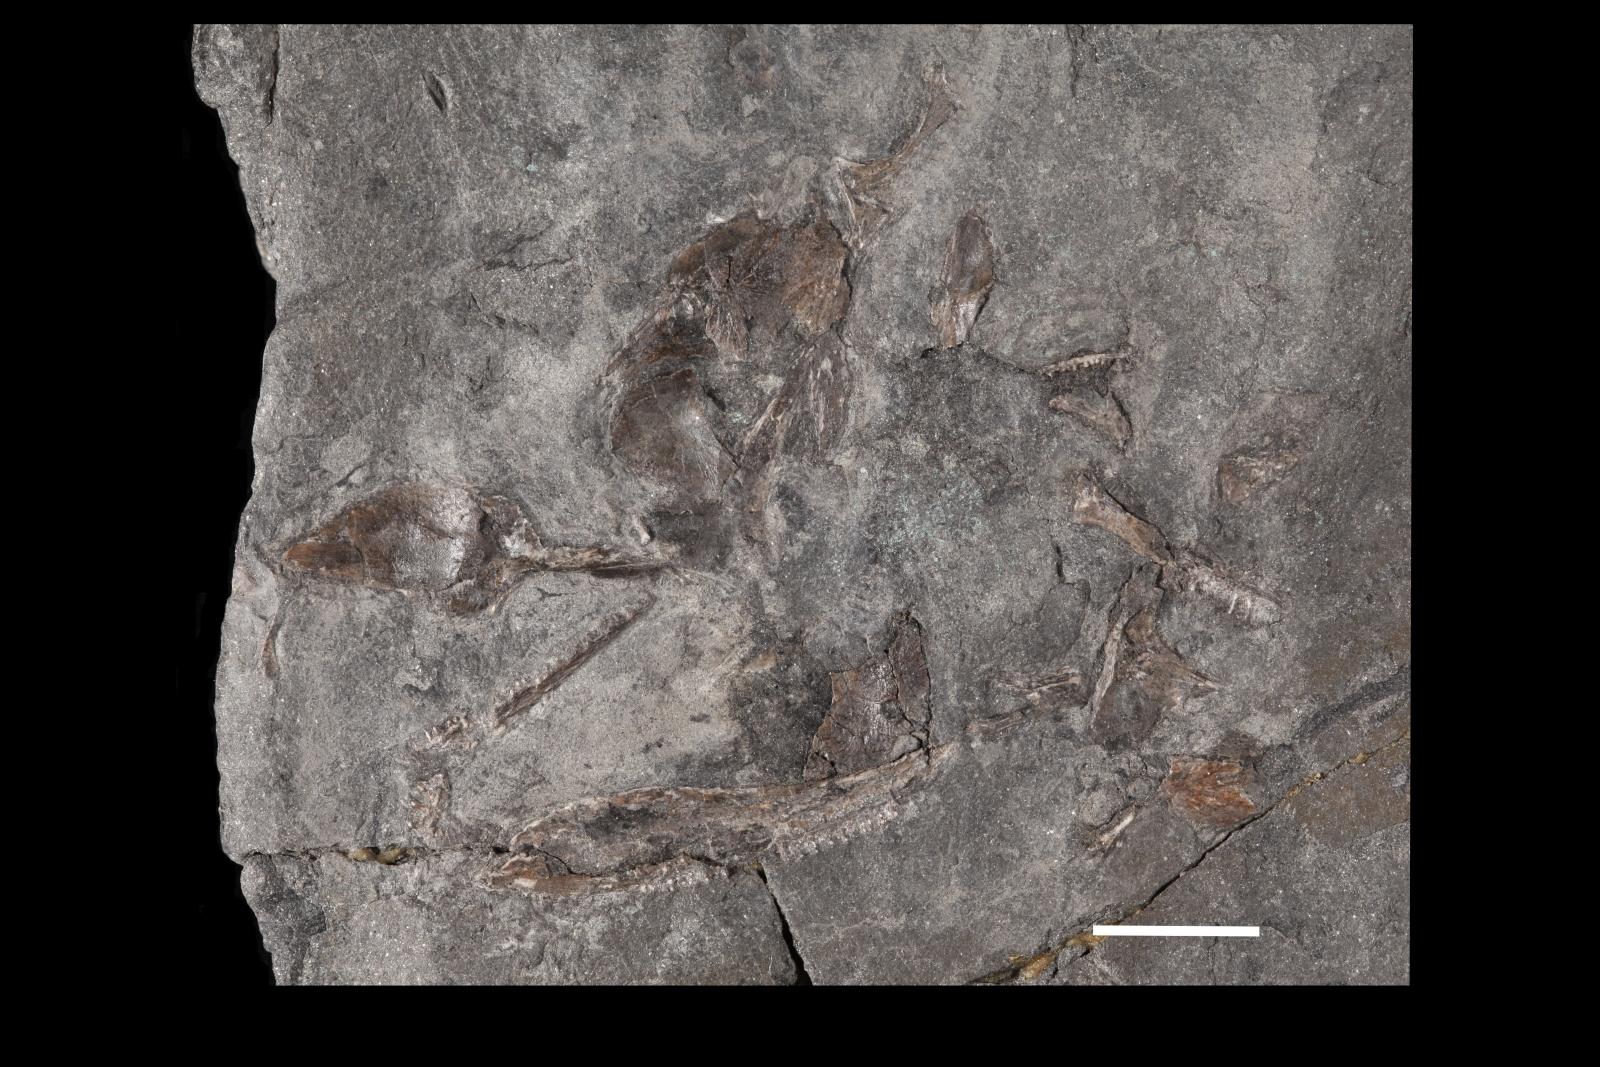 Diploradus austiumensis